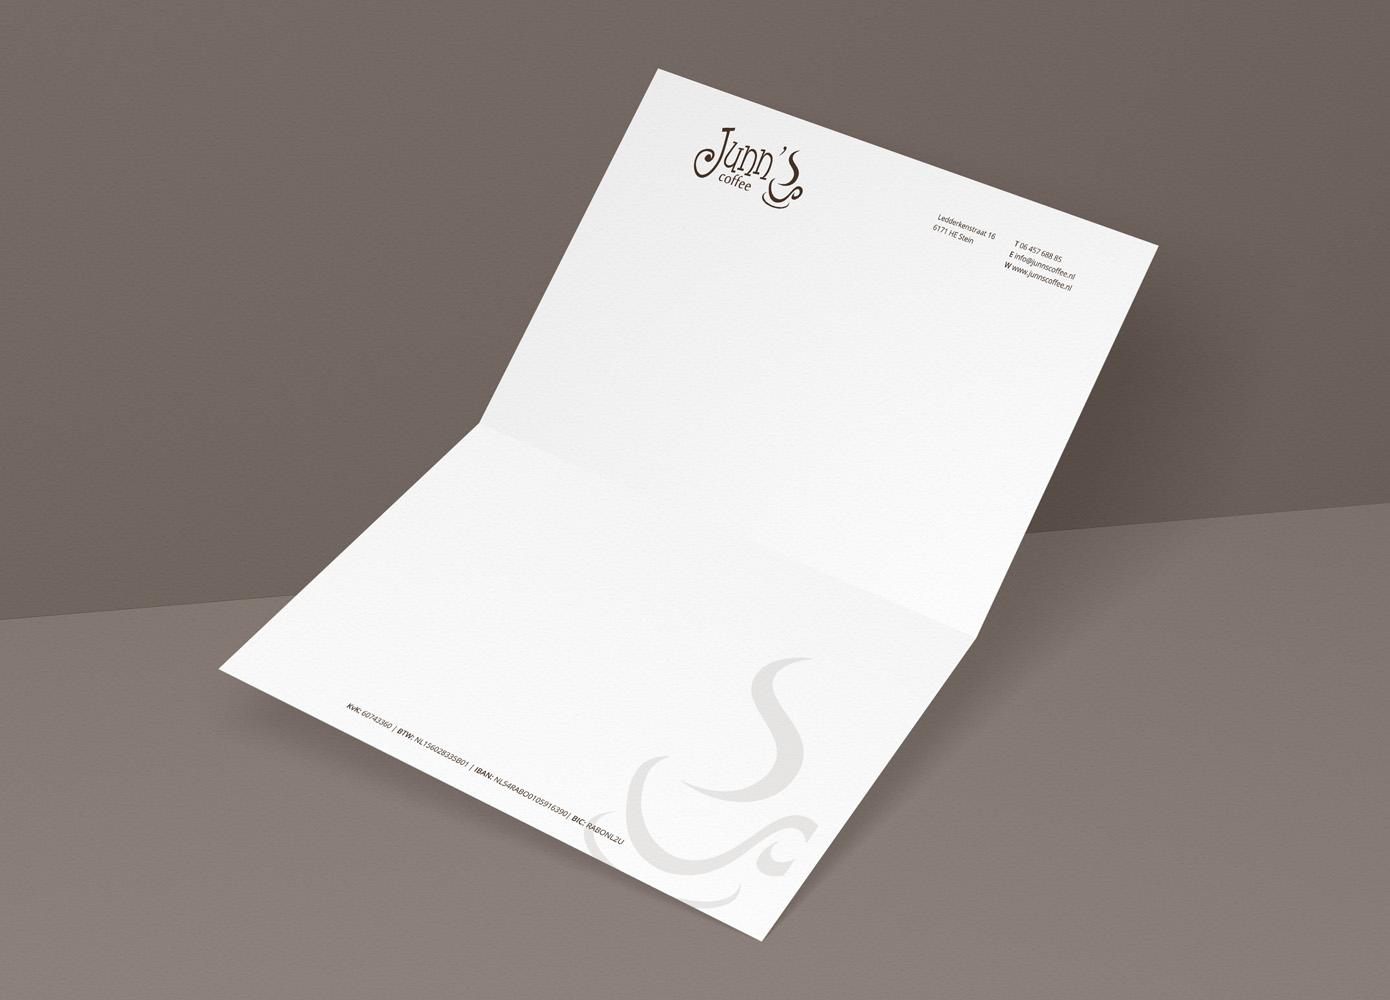 Briefpapier ontwerp Junn's Coffee